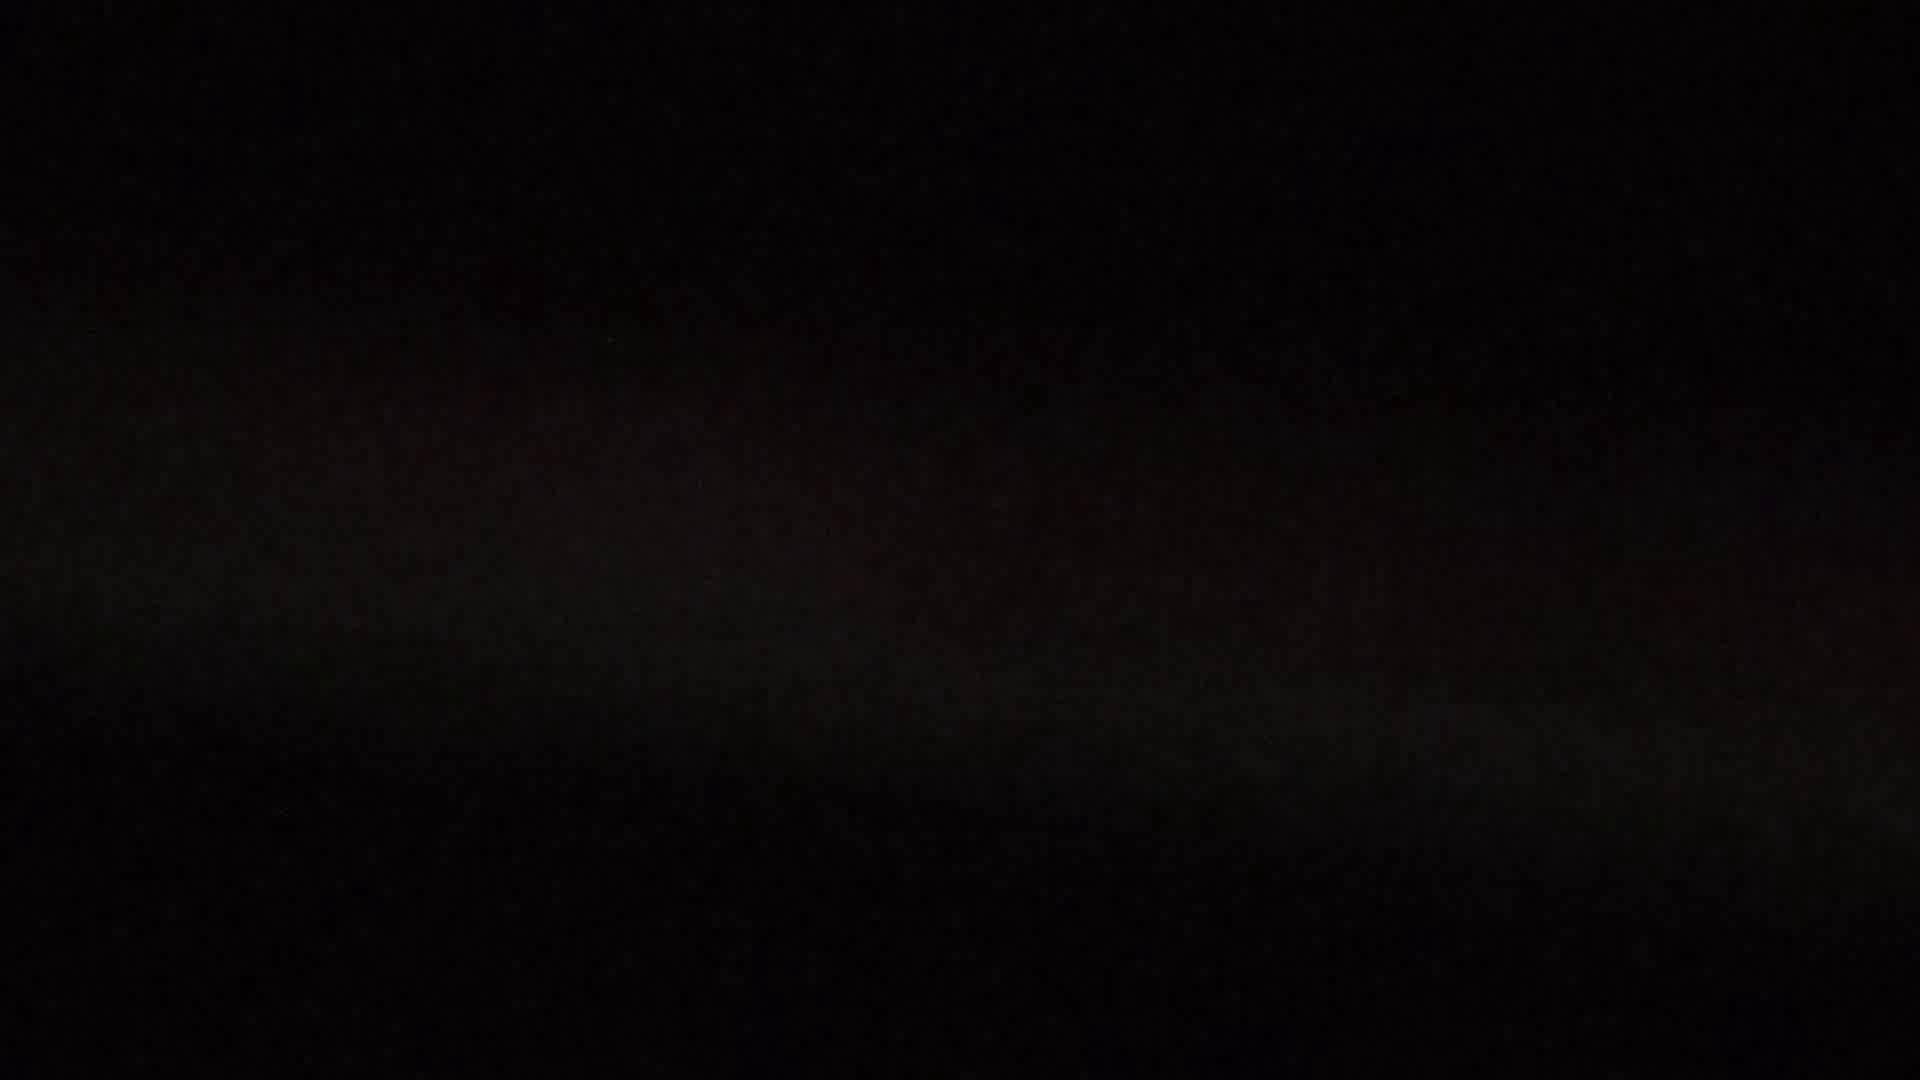 民家の騎士さんの最後の性戦ハイビジョン!!No.63 プライベート 性交動画流出 104画像 59